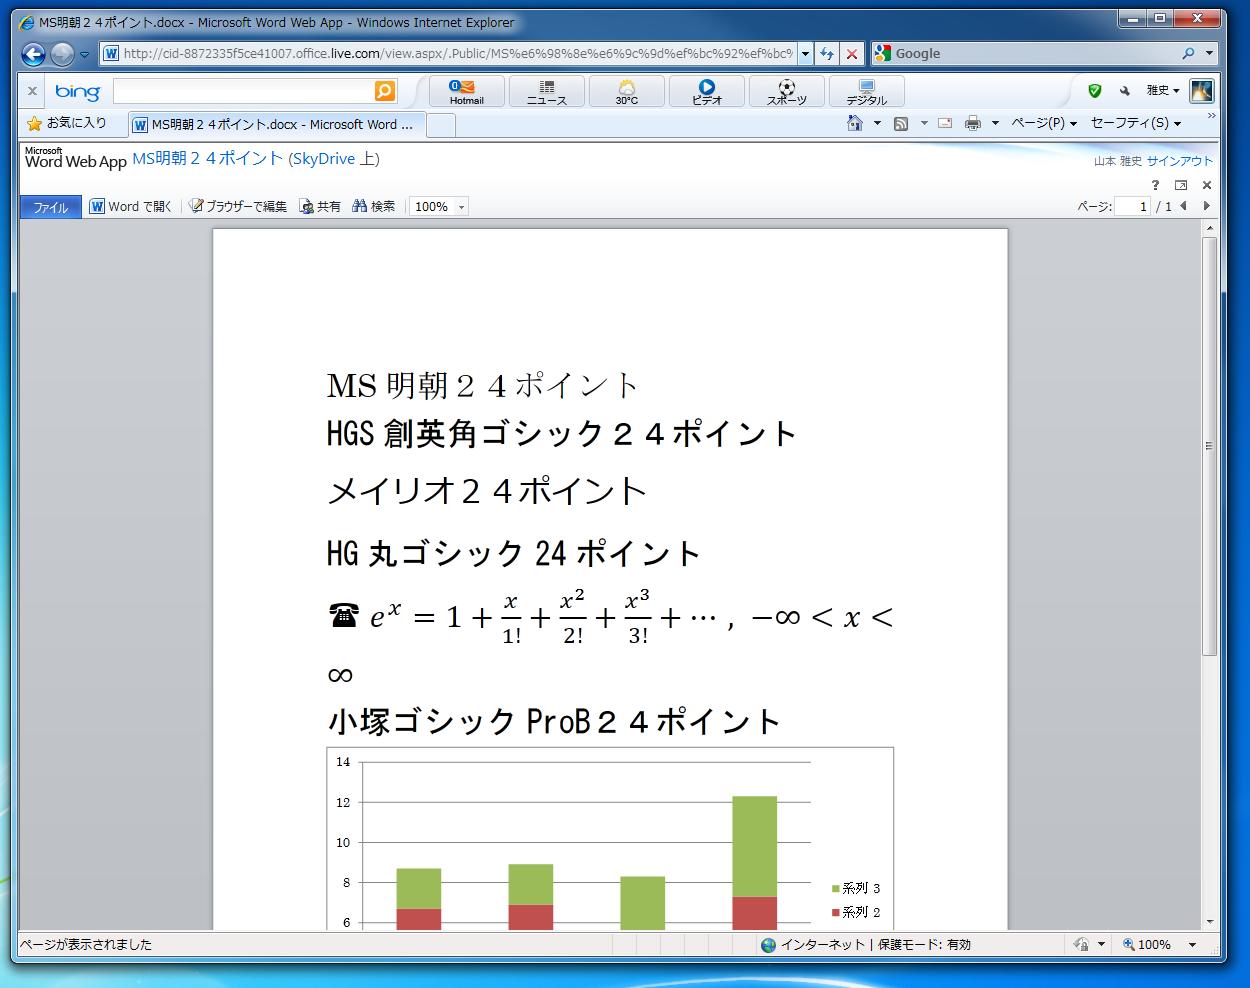 表示画面では、数式、グラフは表示されている